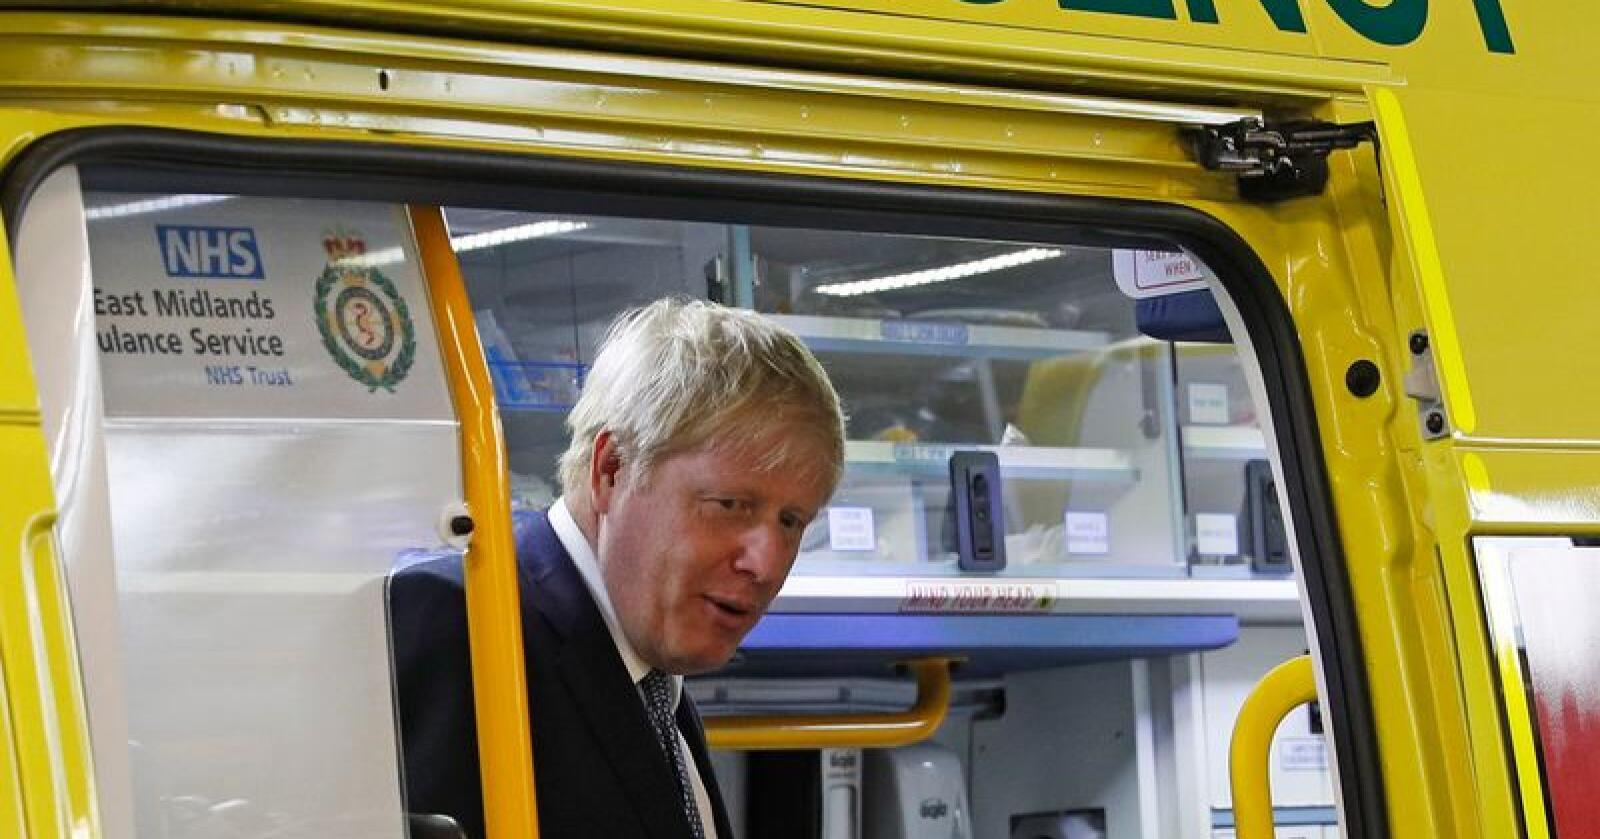 Statsminister Boris Johnson forbereder Storbritannia på å forlate EU uten avtale og har tatt initiativ til å etablere en hurtigrute for å sikre landet nødvendige medisiner etter utmeldingen 31. oktober. Foto: Darren Staples/ AP/ NTB scanpix